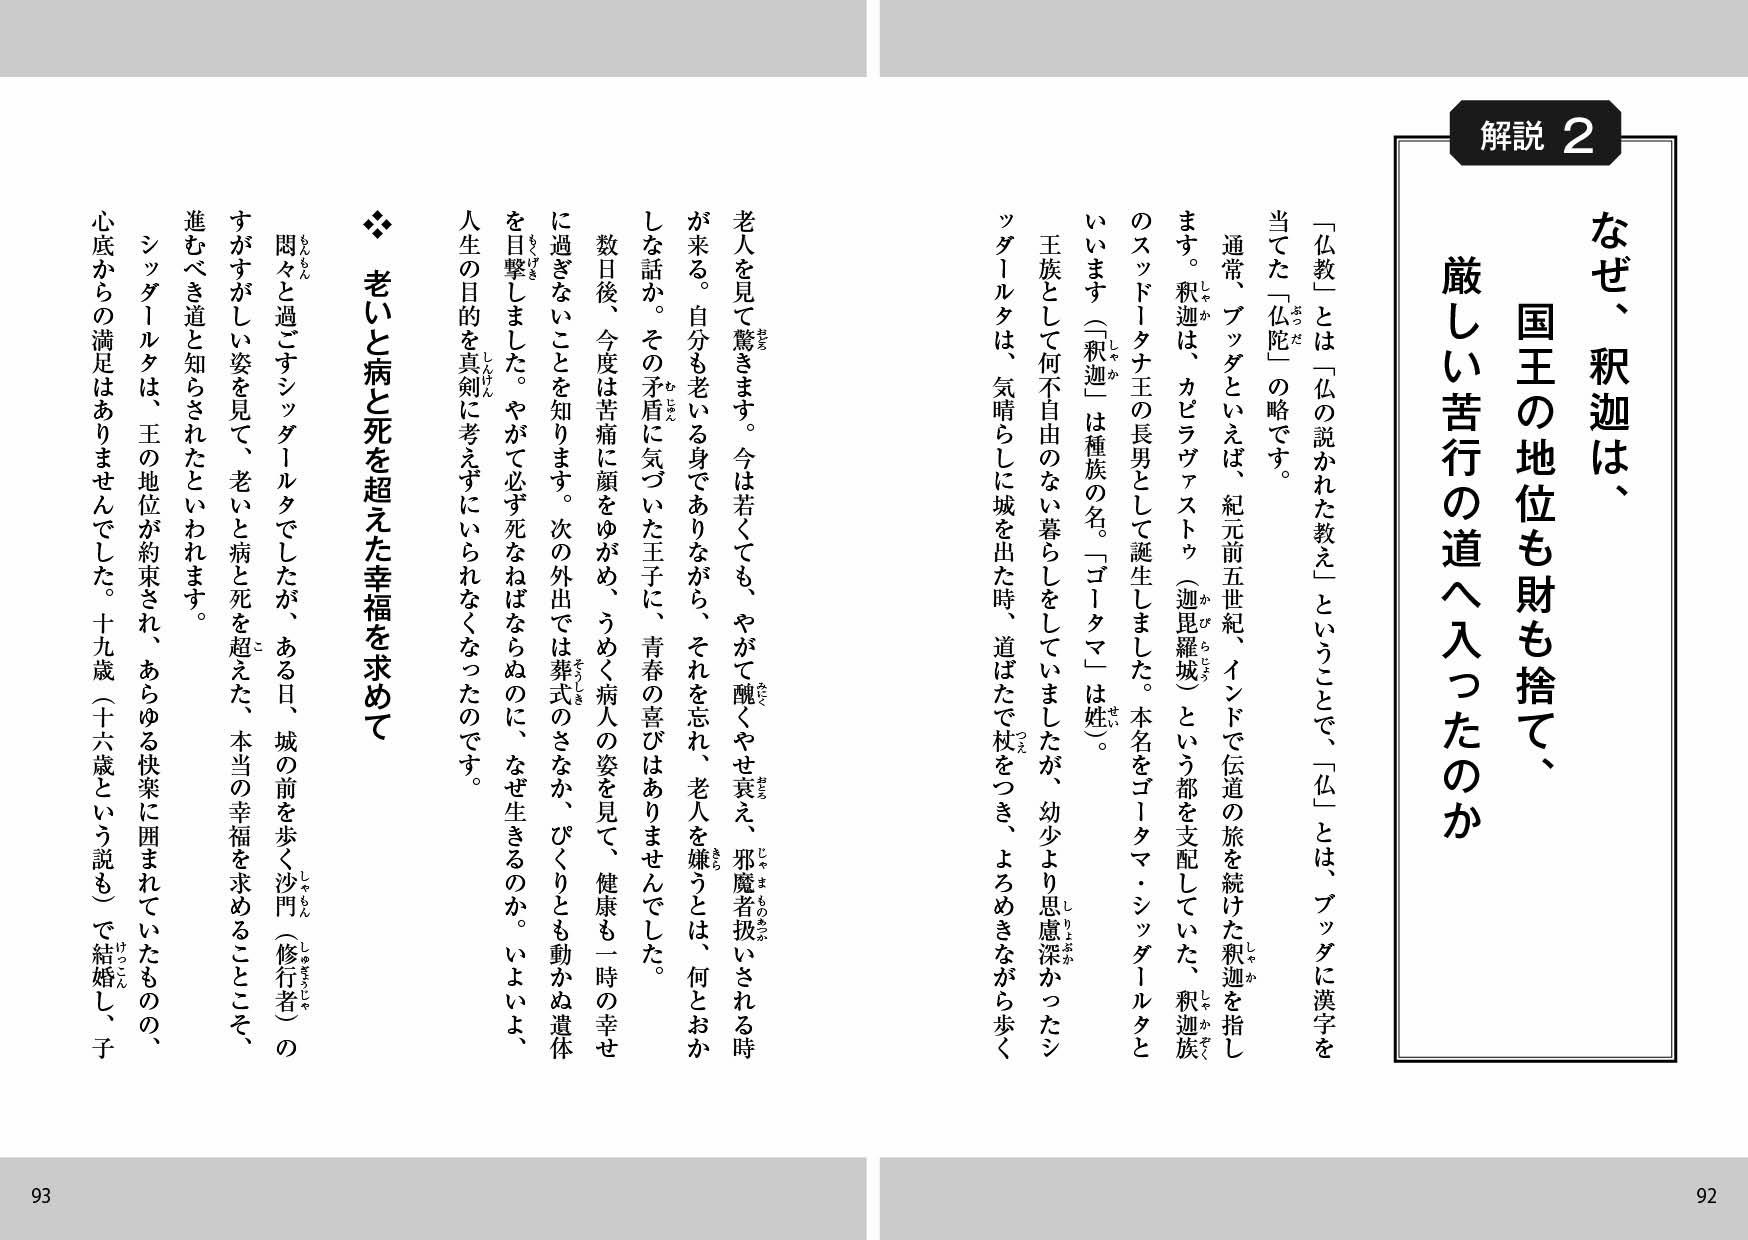 『マンガ歎異抄をひらく』を試し読みの画像8